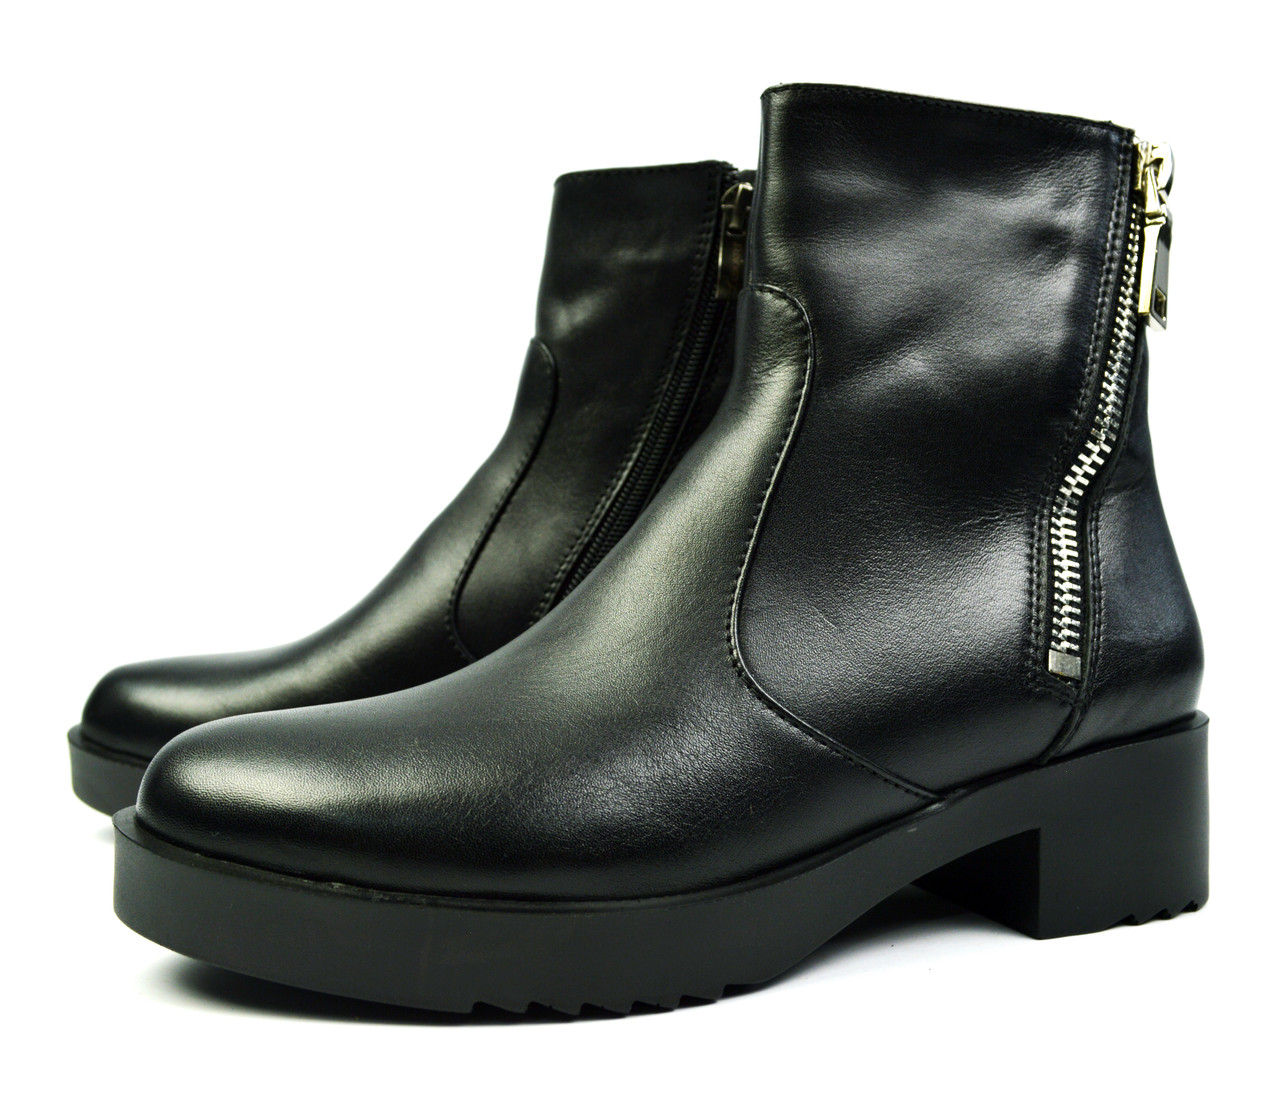 Черные зимние женские кожаные ботинки Luxart на меху ( овчина )